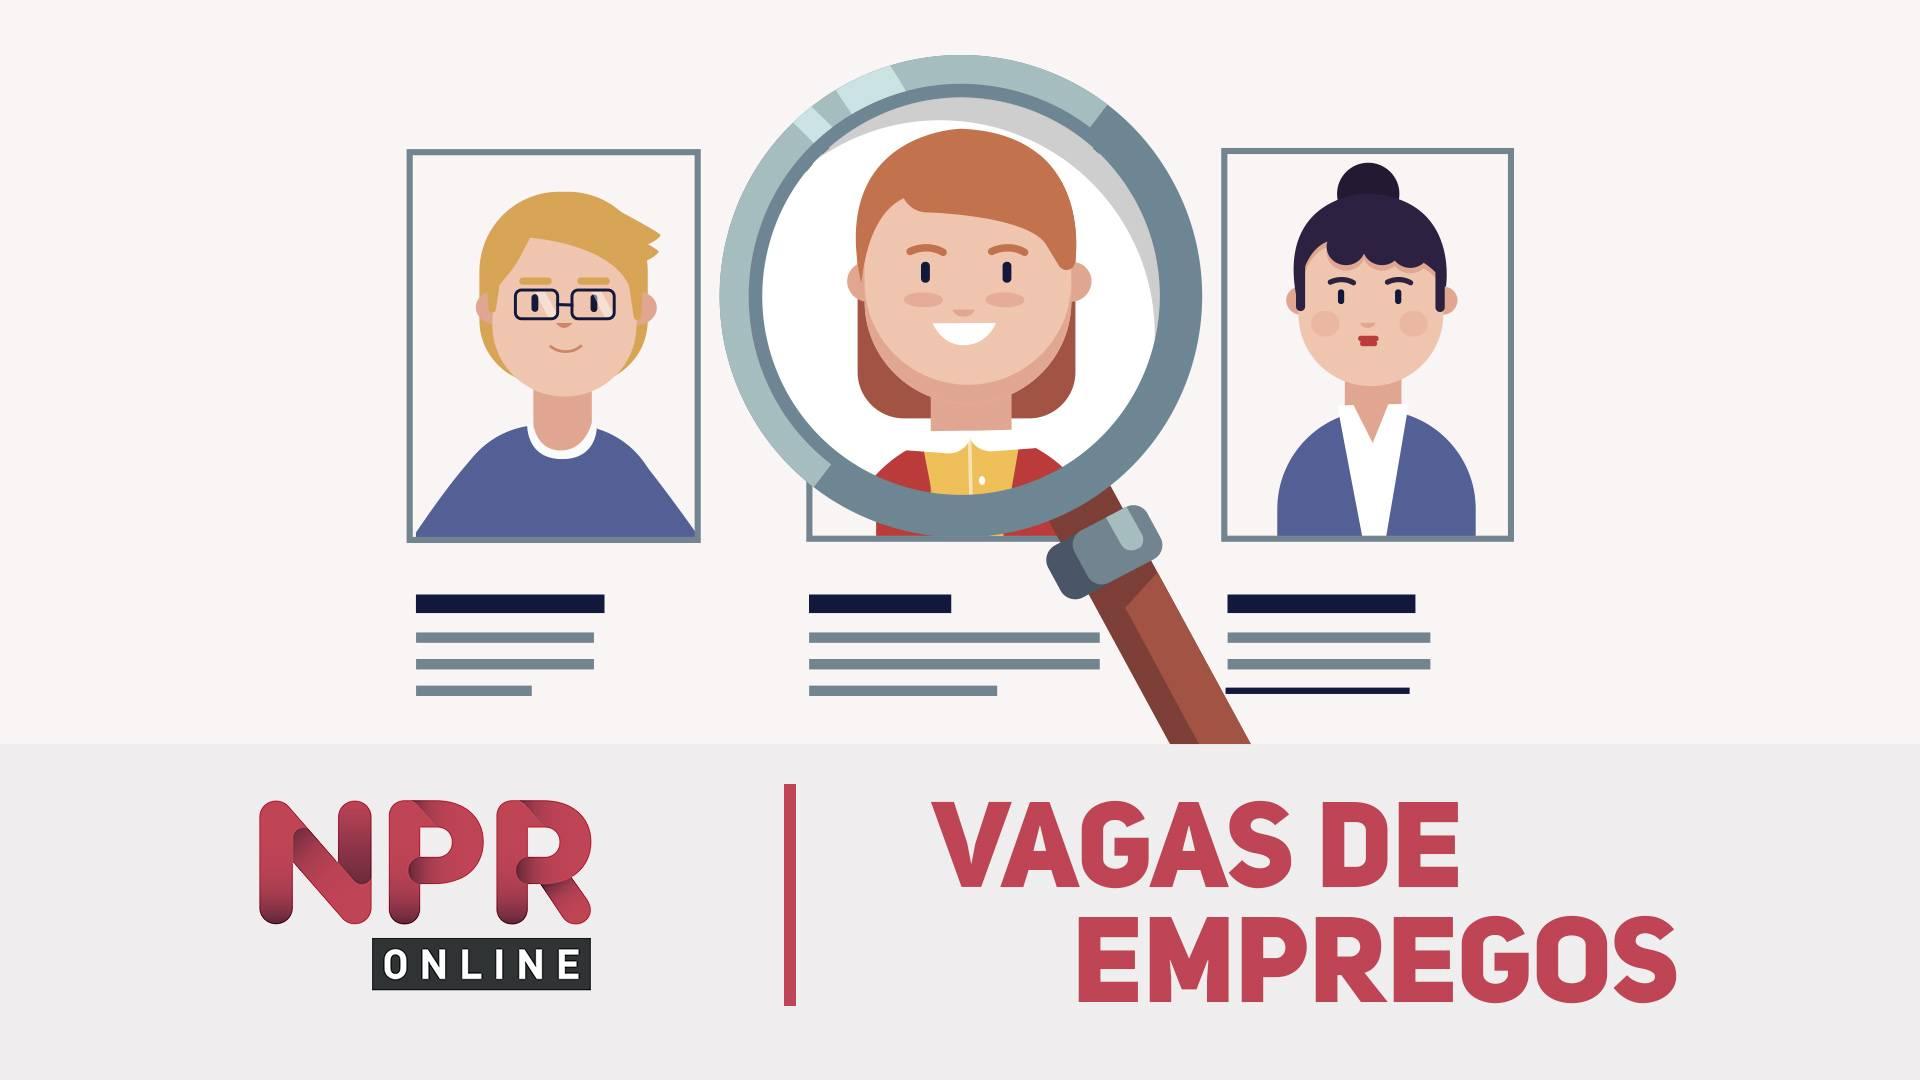 Vagas de Empregos: Veja as principais oportunidades disponíveis nesta segunda-feira (22/03)